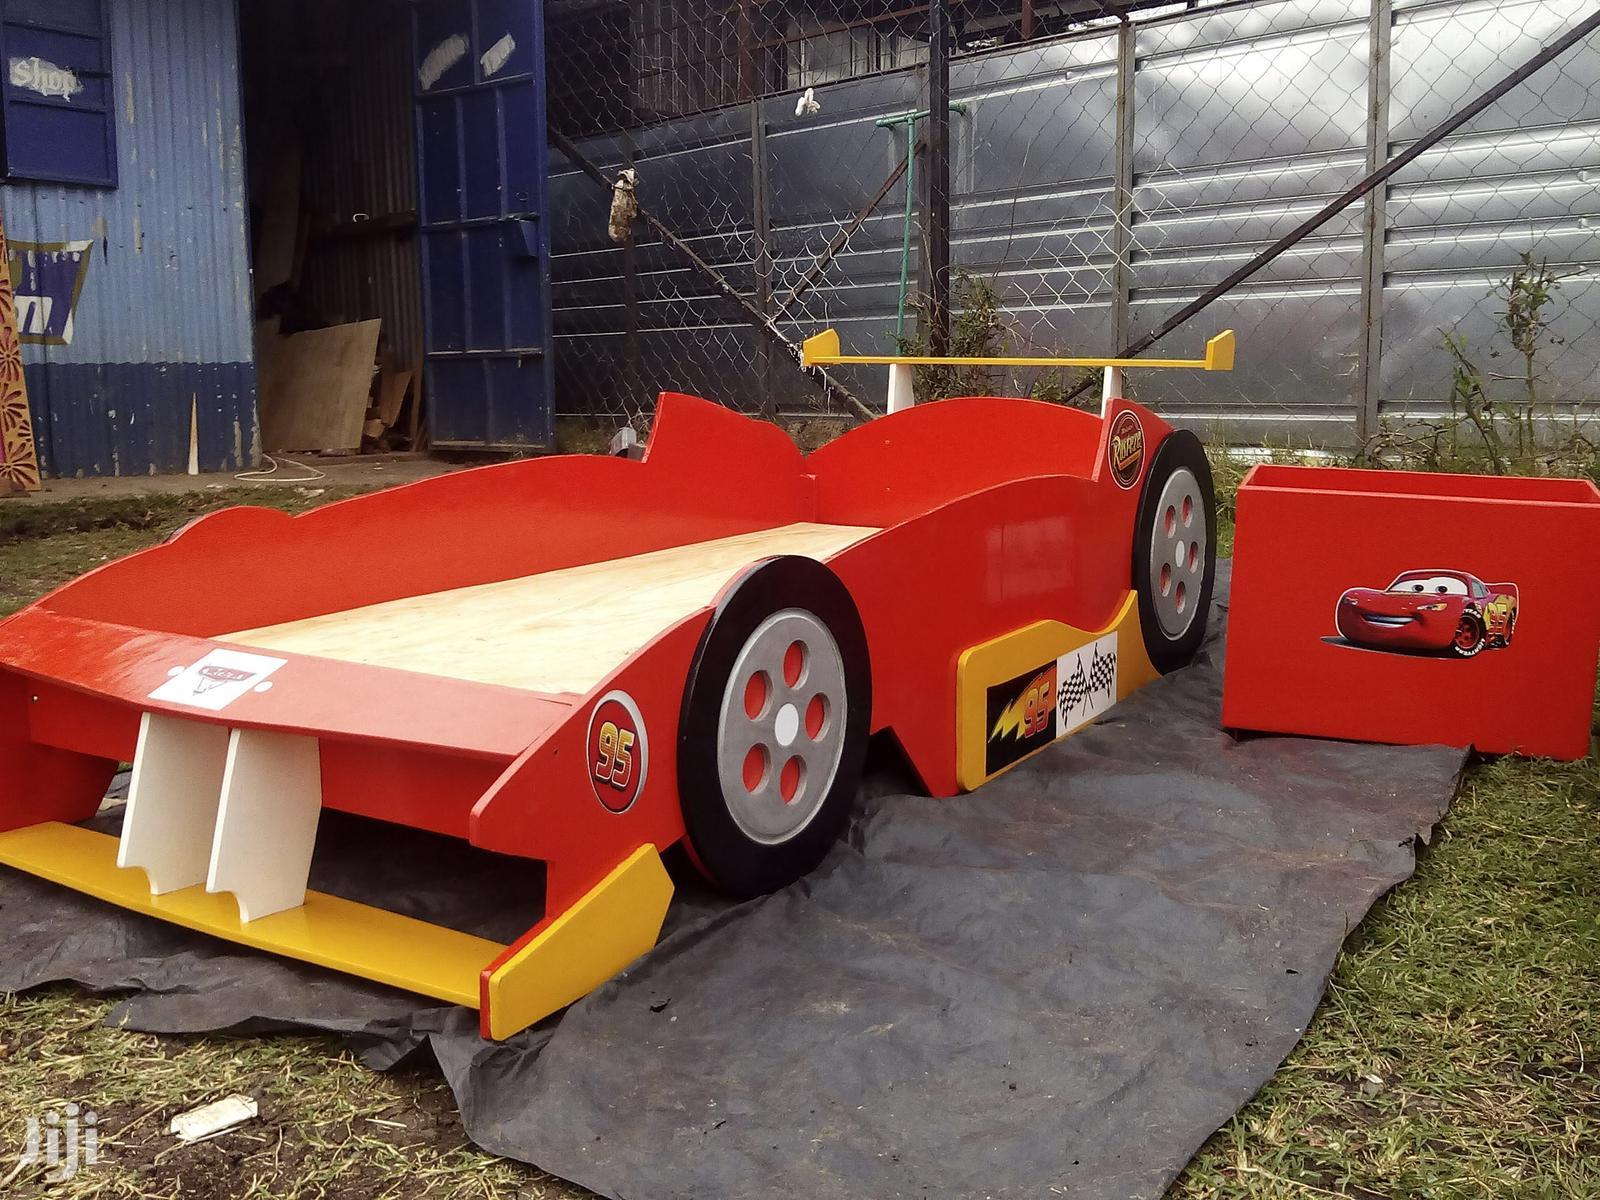 Ferrari Themed Racer Bed